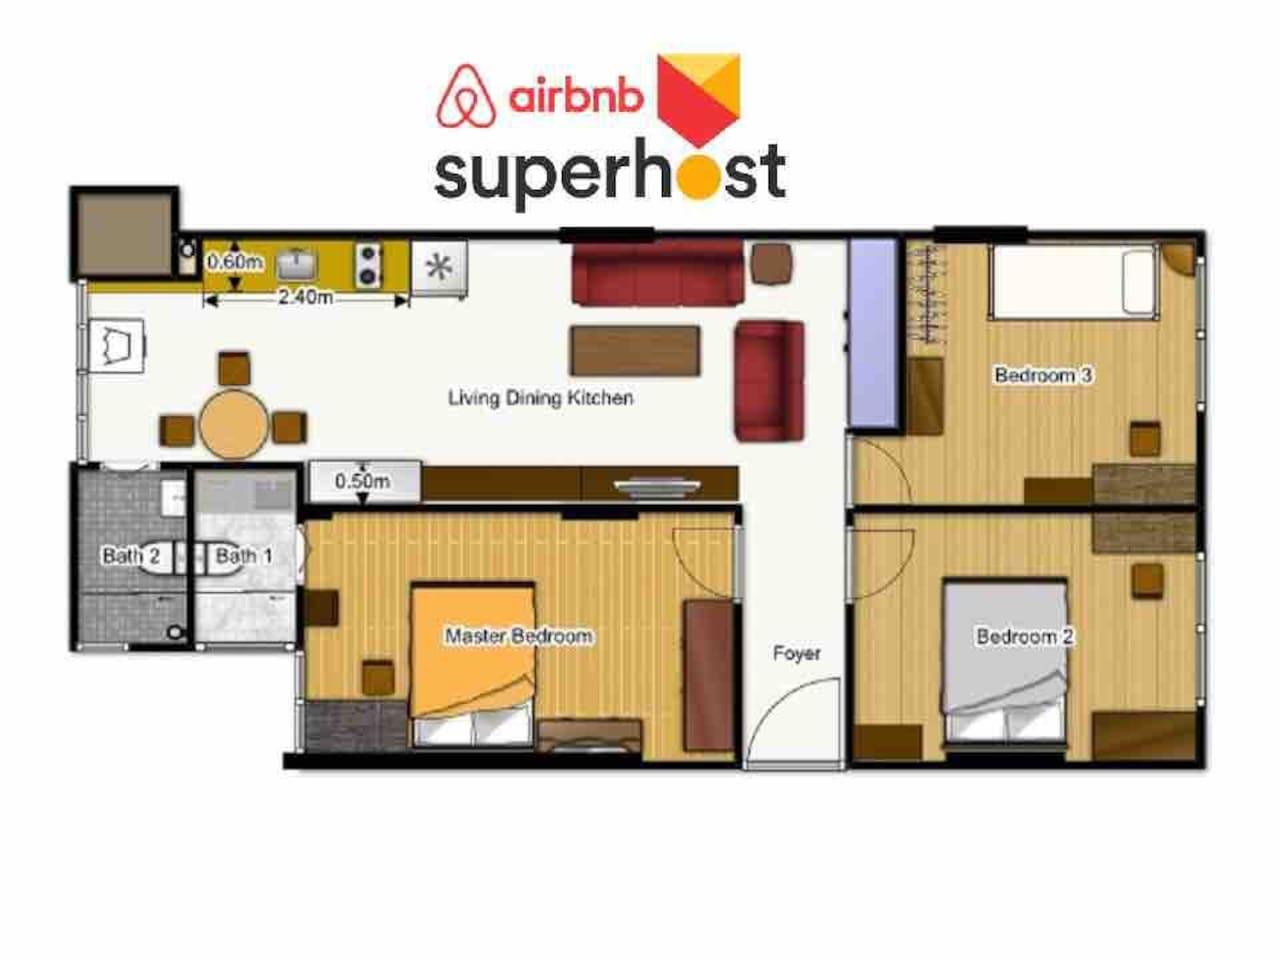 Apartment floor area is 77 sqm (829 sqft)